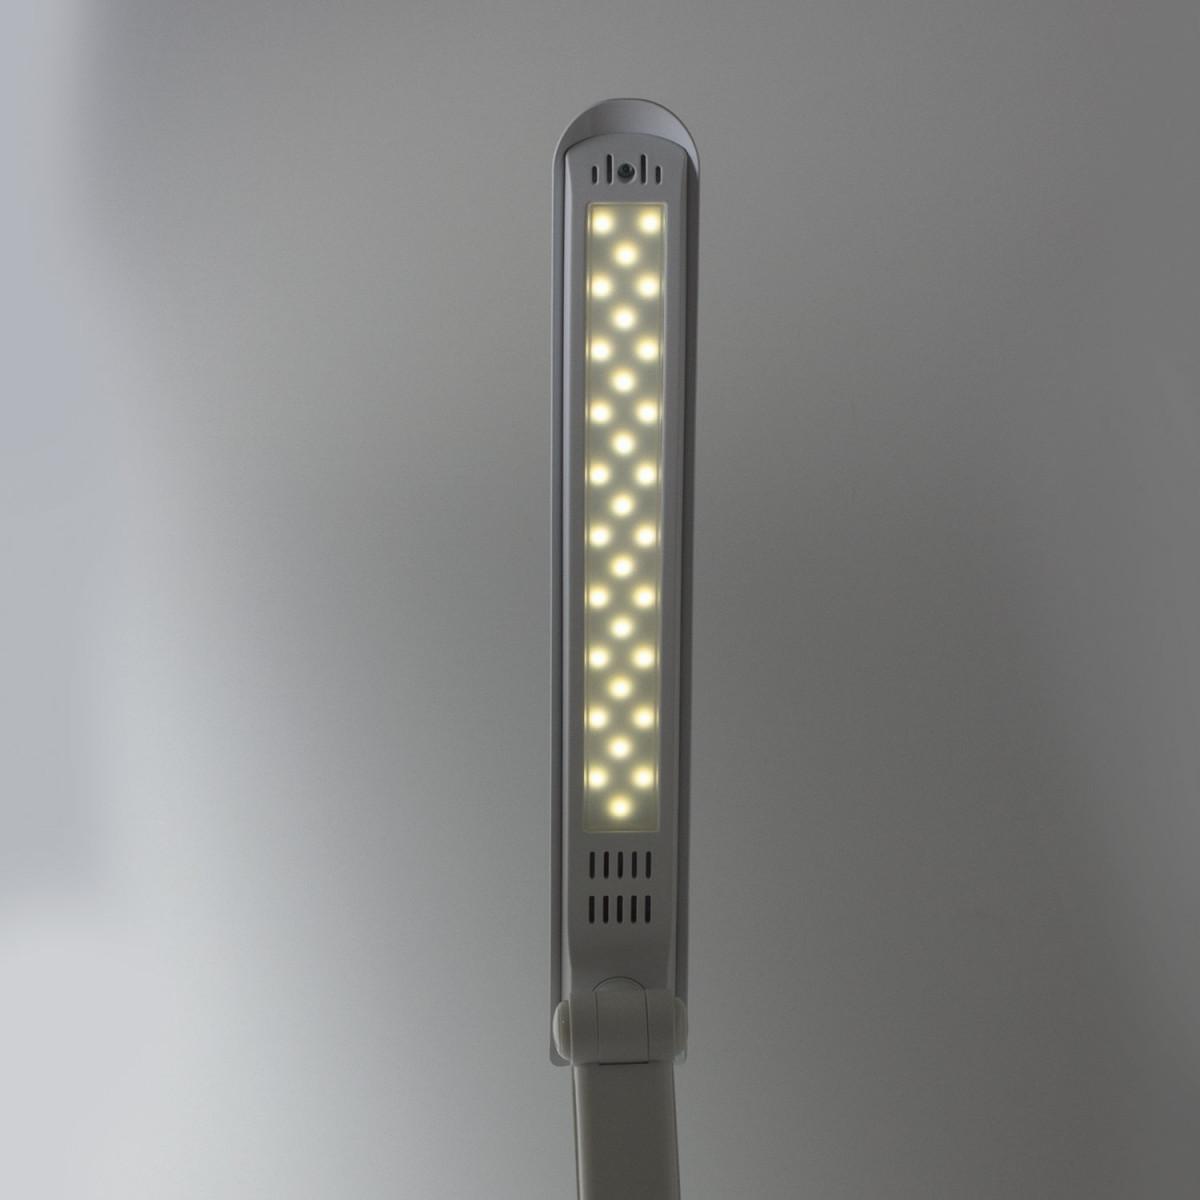 Светильник настольный SONNEN PH-307, на подставке, светодиодный, 9 Вт, пластик, белый, 236683 (арт. 236683)